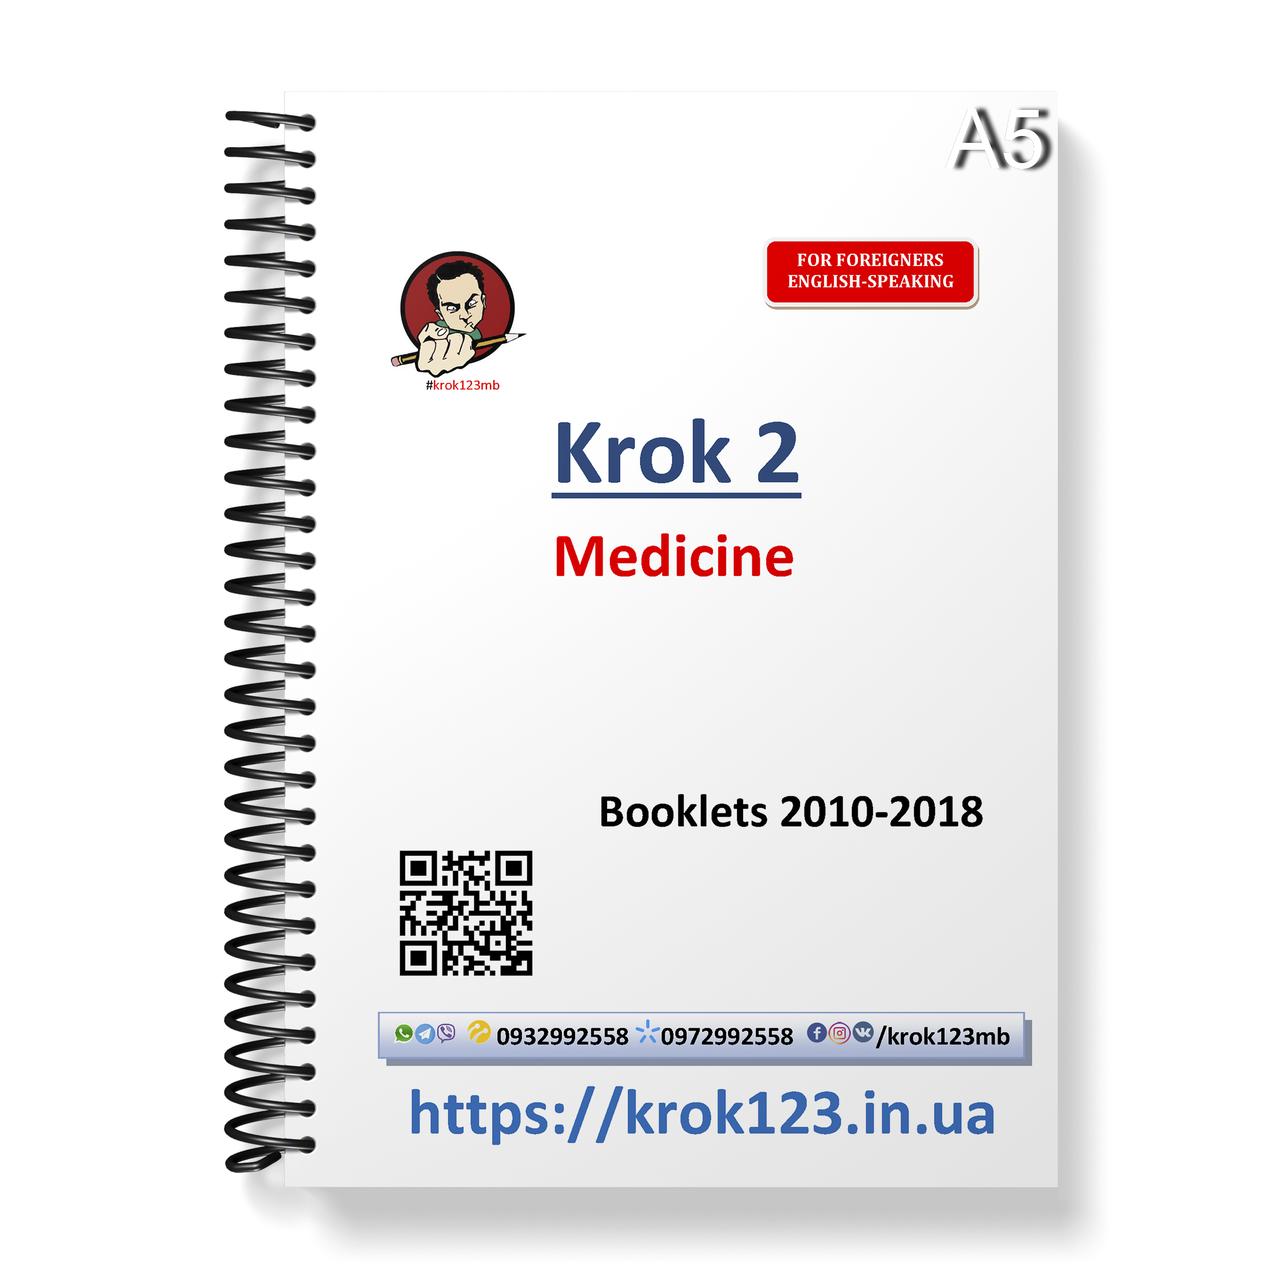 Крок 2. Загальна лікарська підготовка. Буклети 2010-2018 роки. Для іноземців англомовних